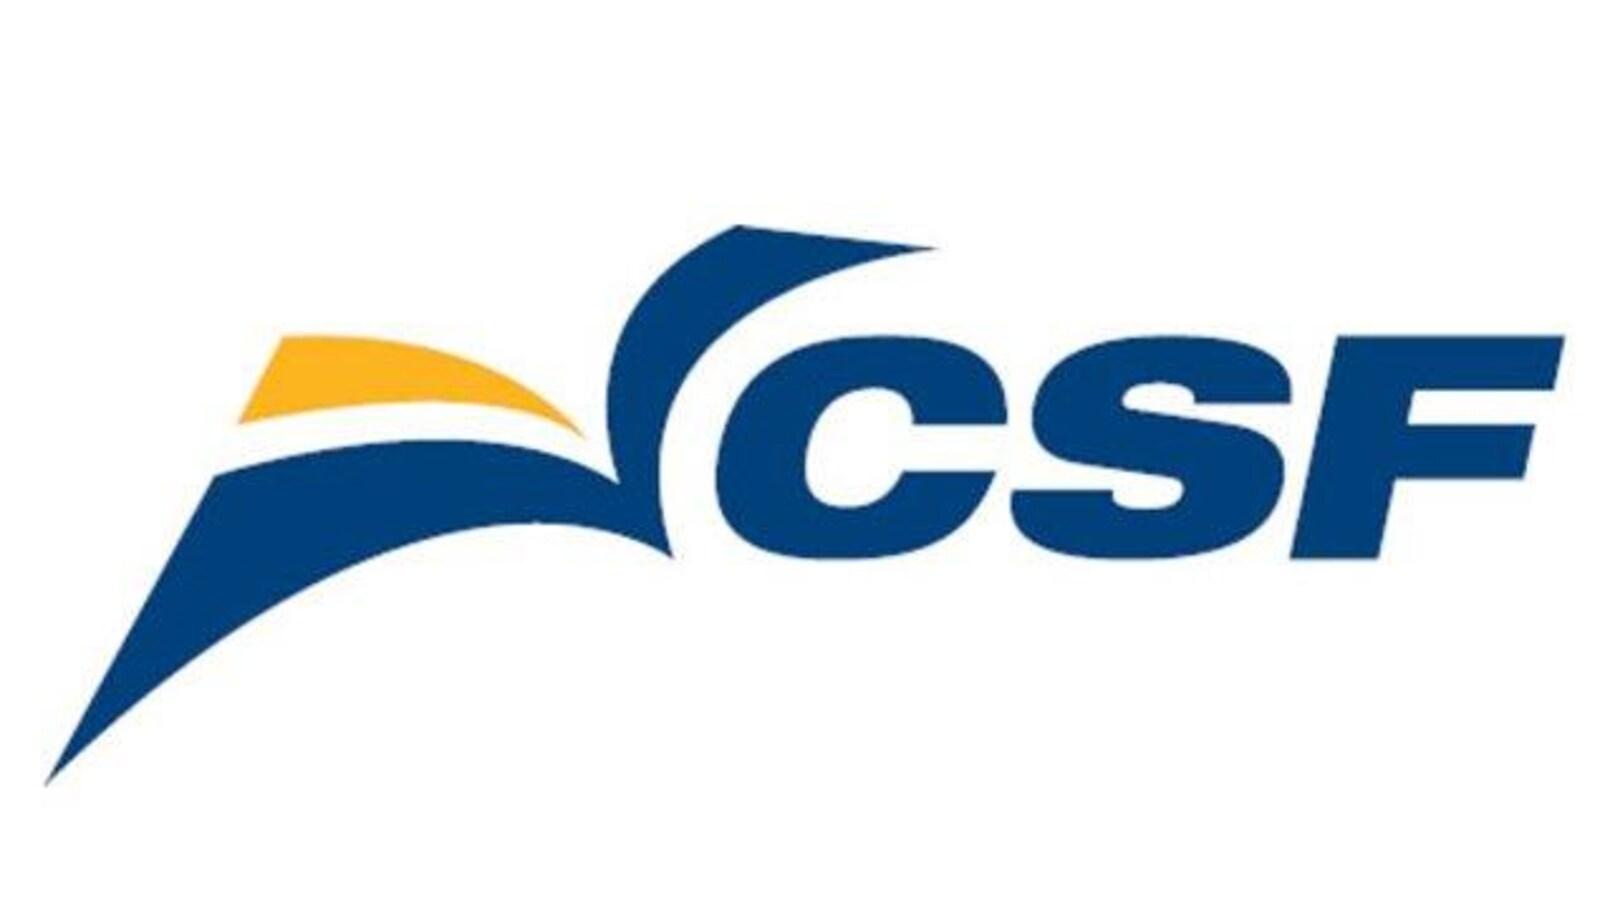 Le logo du Conseil scolaire francophone de la Colombie-Britannique.